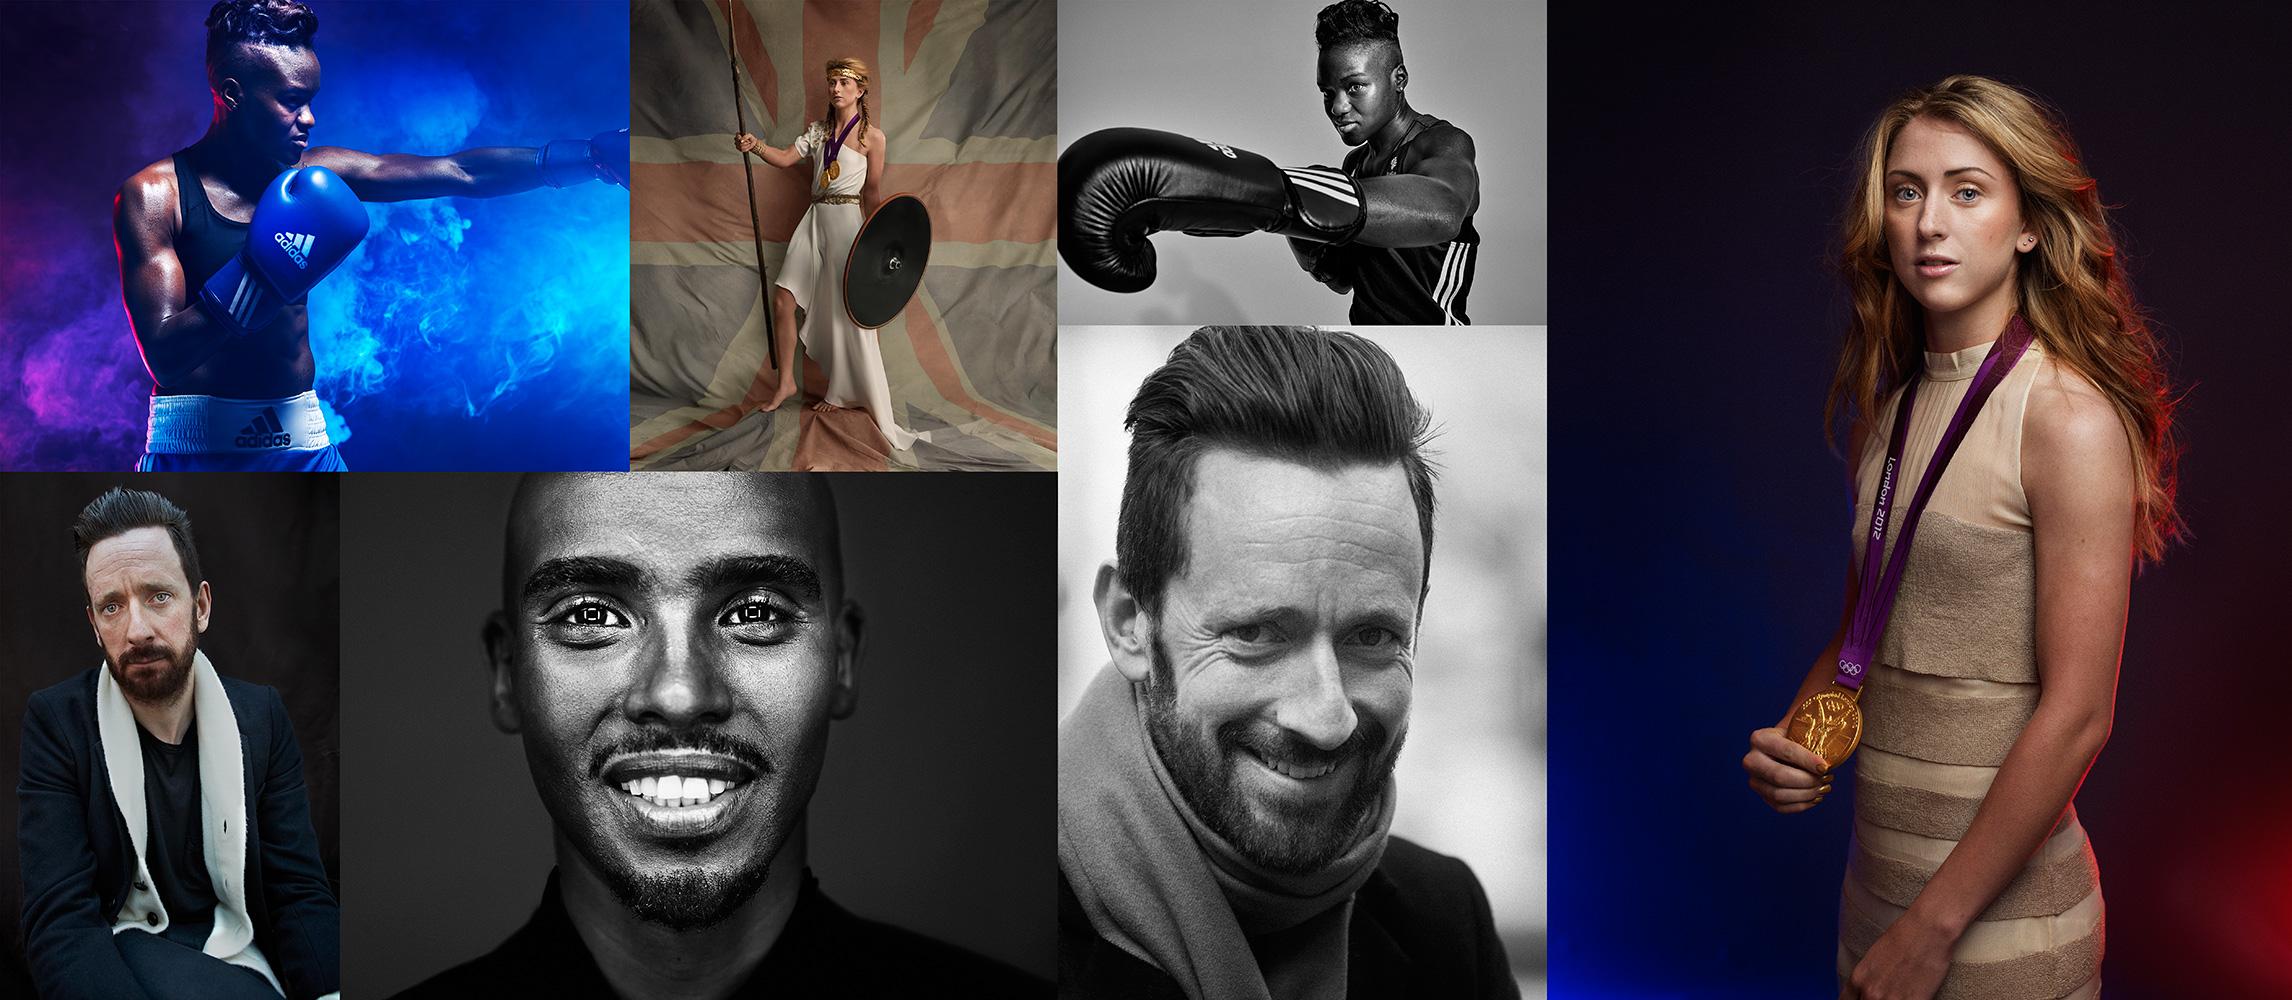 Olympians - Nicola Adams, Laura Yrott, Bradley Wiggins, Mo Farah